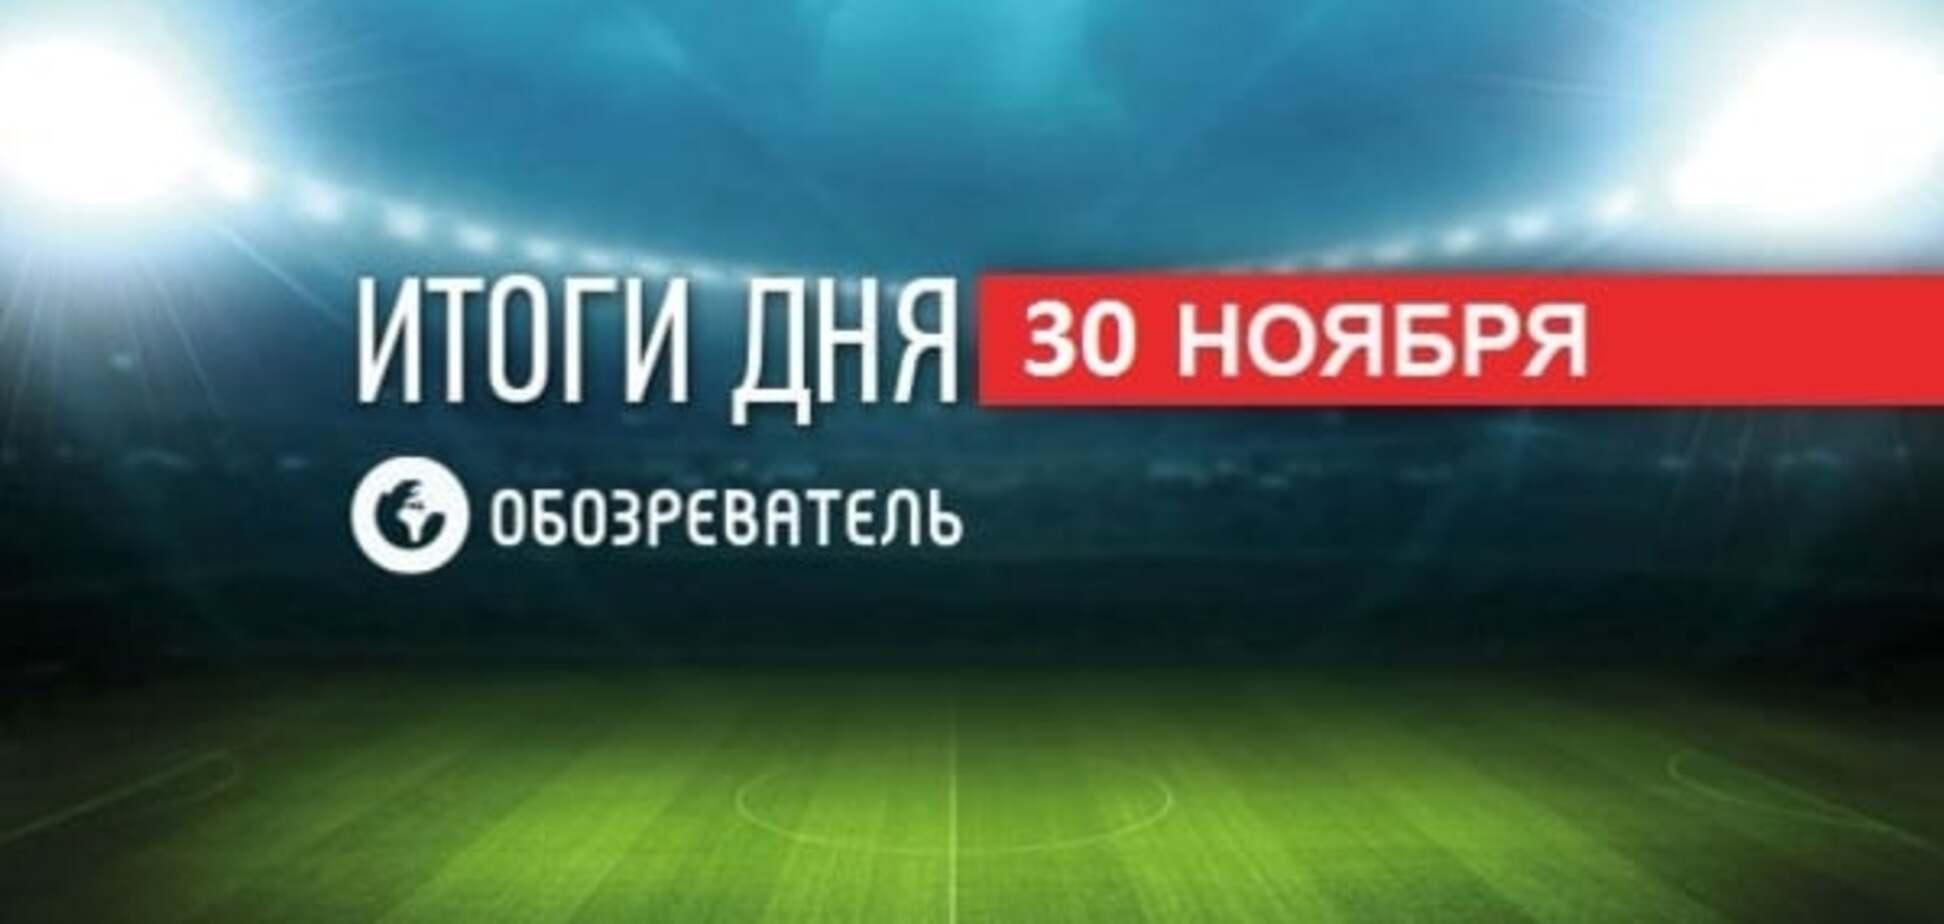 Віталій Кличко жорстоко розкритикував Володимира. Спортивні підсумки за 30 листопада